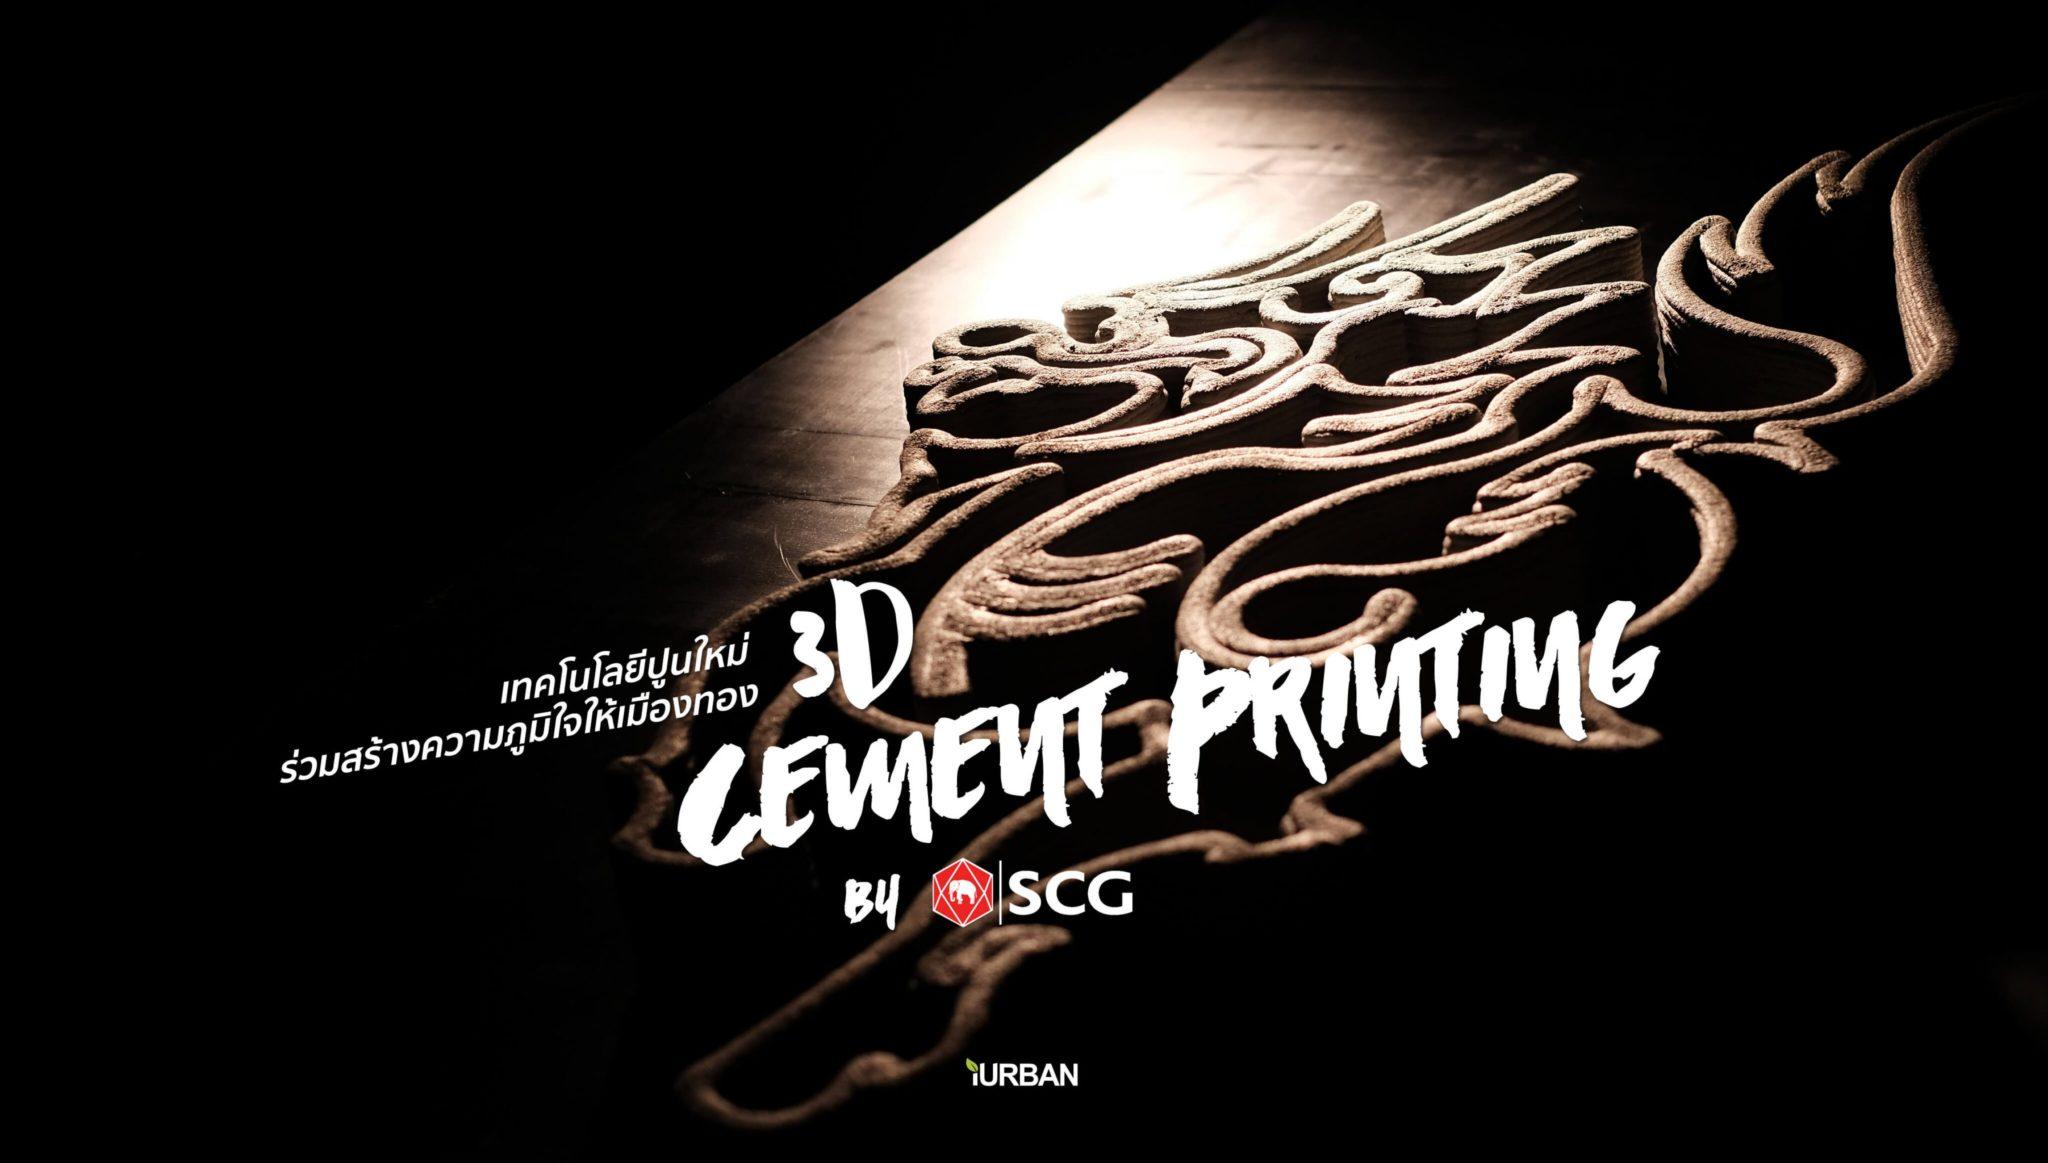 เอสซีจี เมืองทอง ยูไนเต็ด สร้างแลนด์มาร์คโลโก้กิเลนผยองด้วยเทคโนโลยี 3D Cement Printing ของ เอสซีจี 13 - 3D Printing